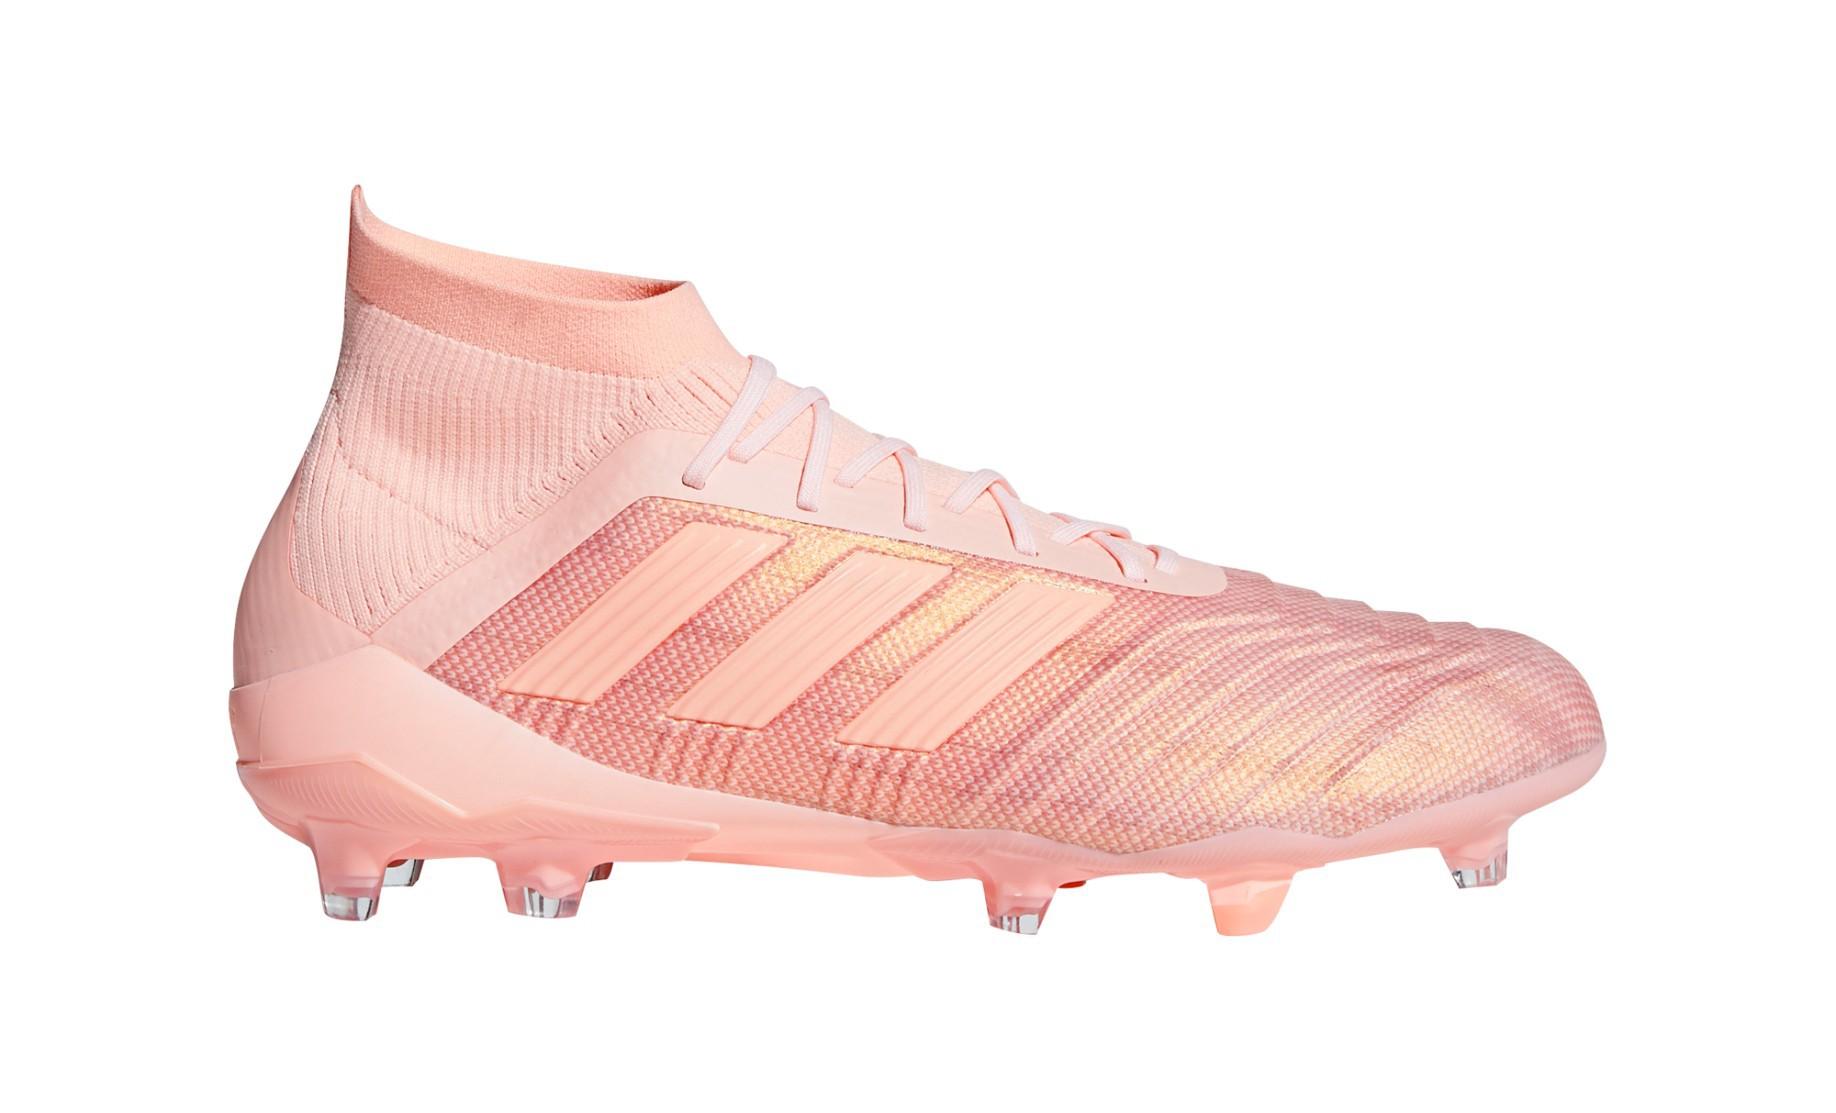 Scarpe Calcio Adidas Predator 18.1 FG Spectral Mode Pack